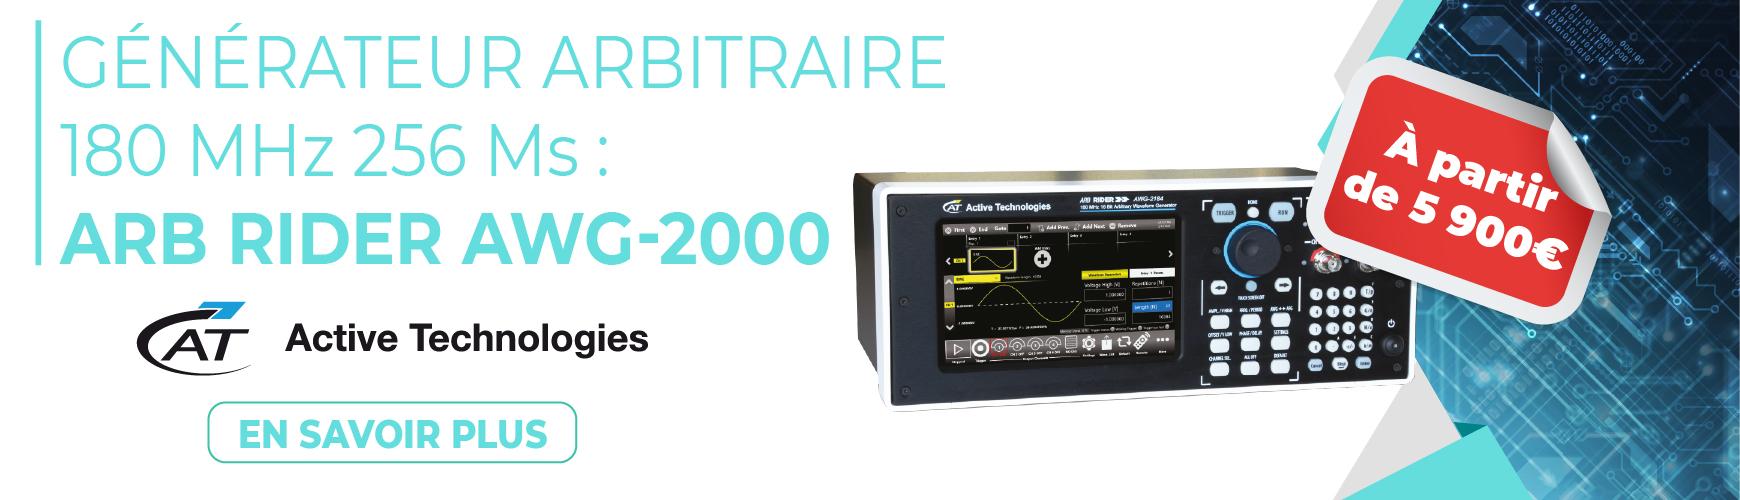 Générateur arbitraire 180 MHz AWG-2000 HIOKI